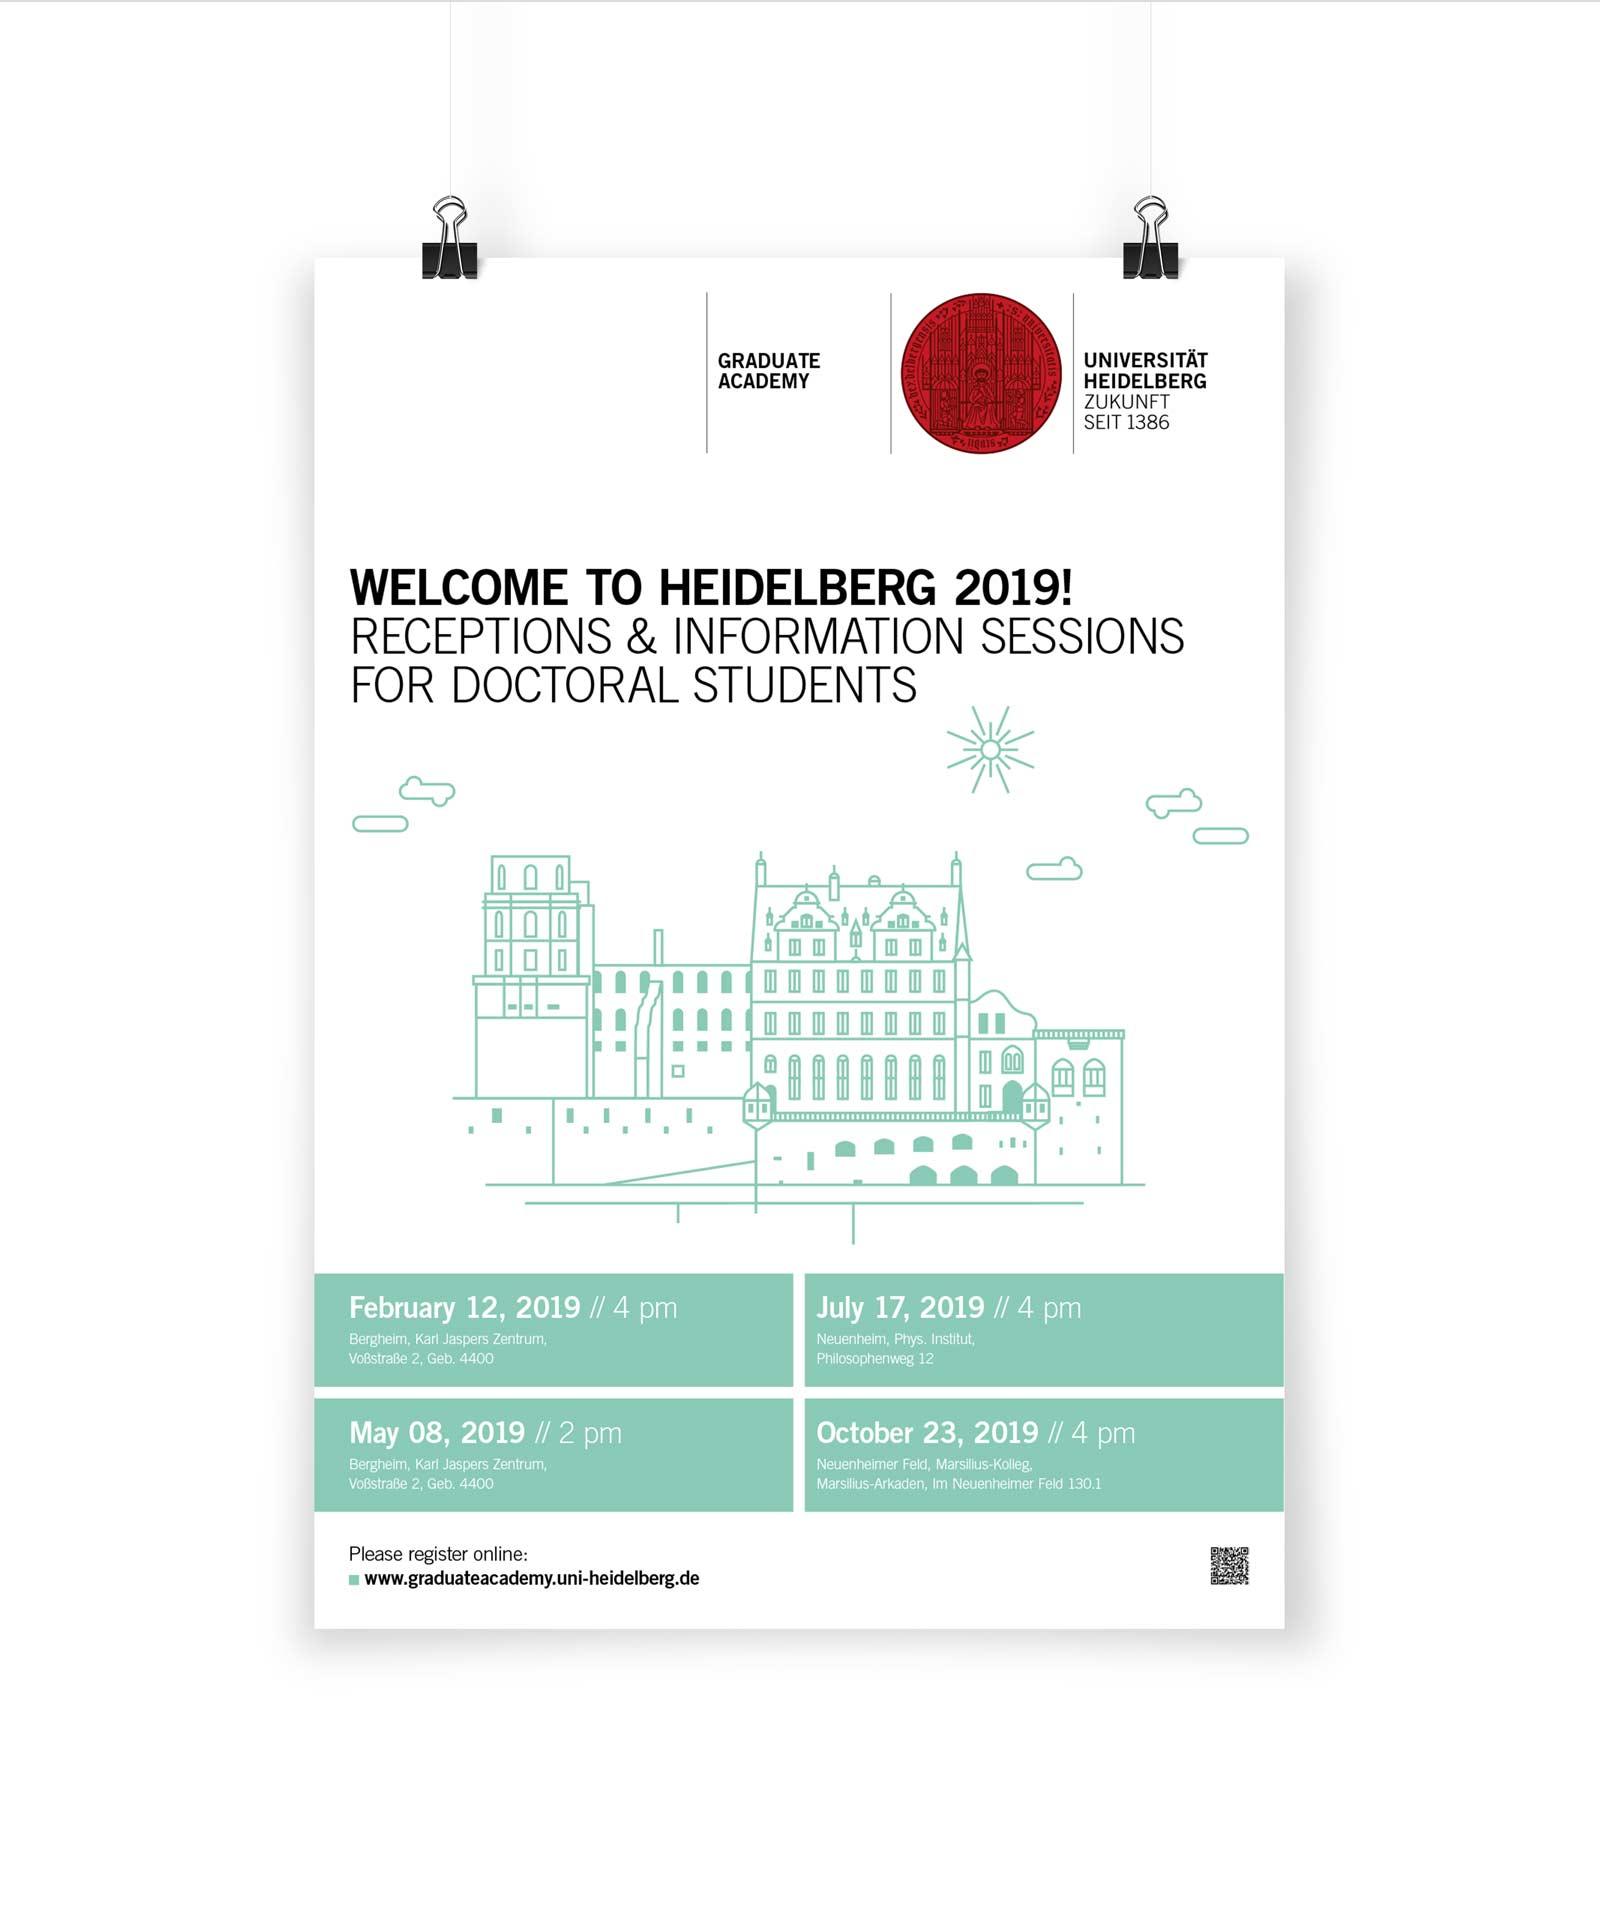 Gesa Siebert Kommunikationsdesign Graduiertenakademie Universität Heidelberg Plakat Poster Veranstaltungsplakat Illustration